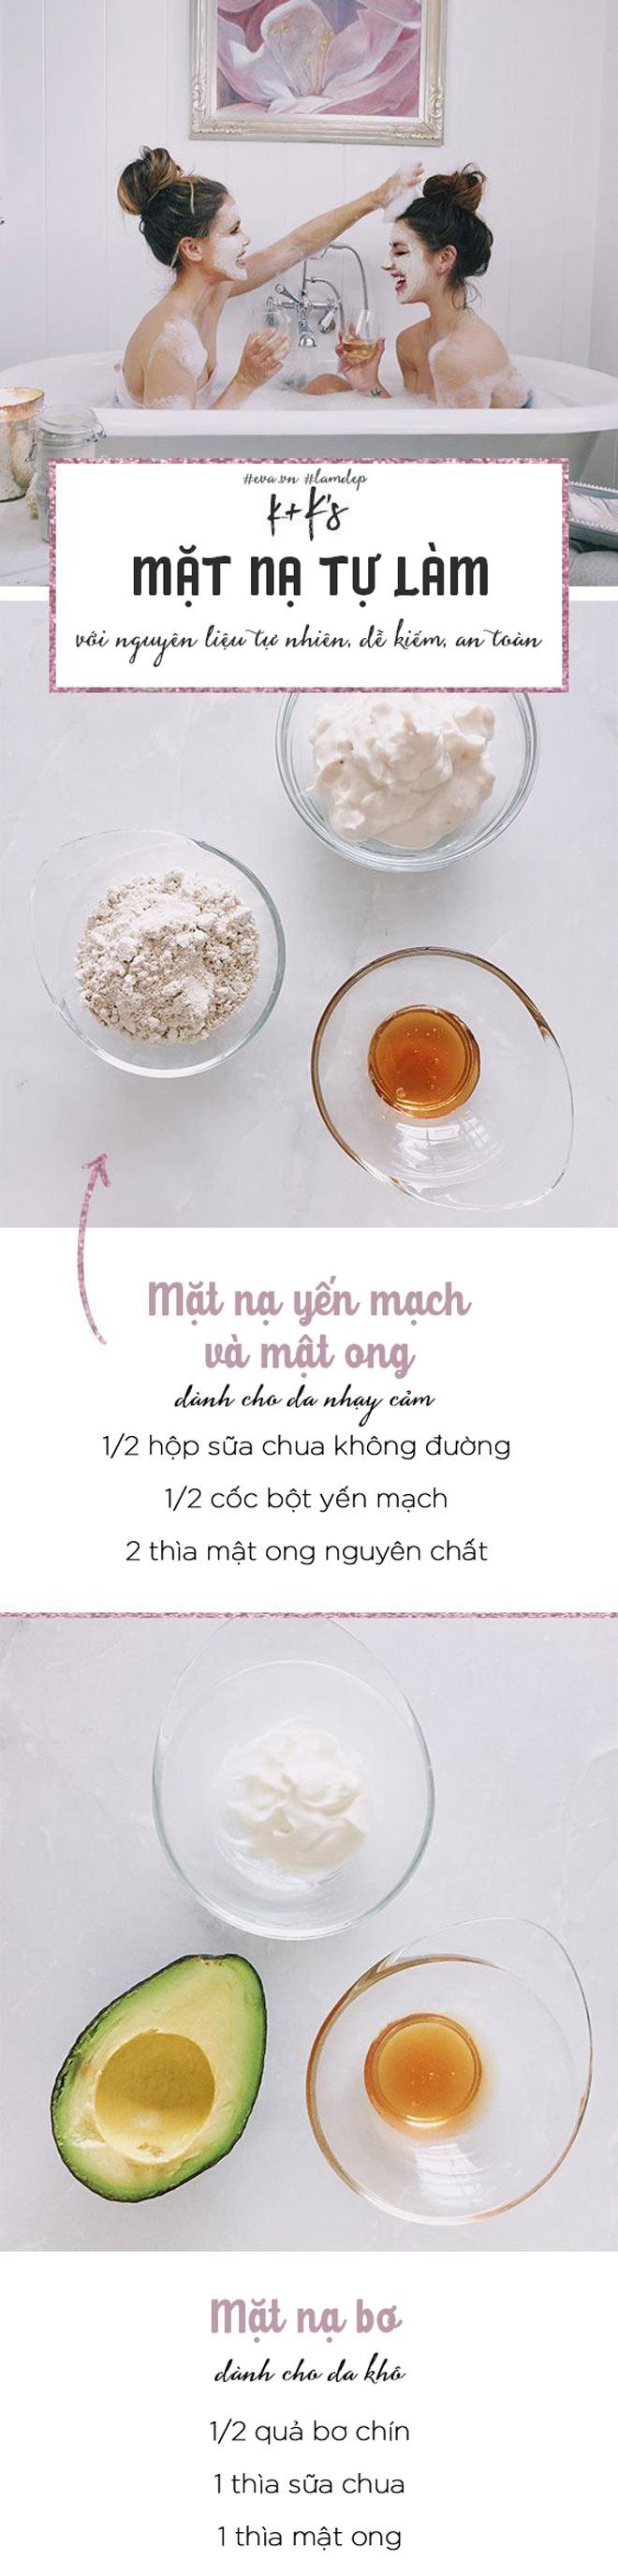 lot-xac-voi-10-cong-thuc-huu-ich-giup-duong-da-trang-sang-trong-khi-tam-chi-sau-1-thang-3